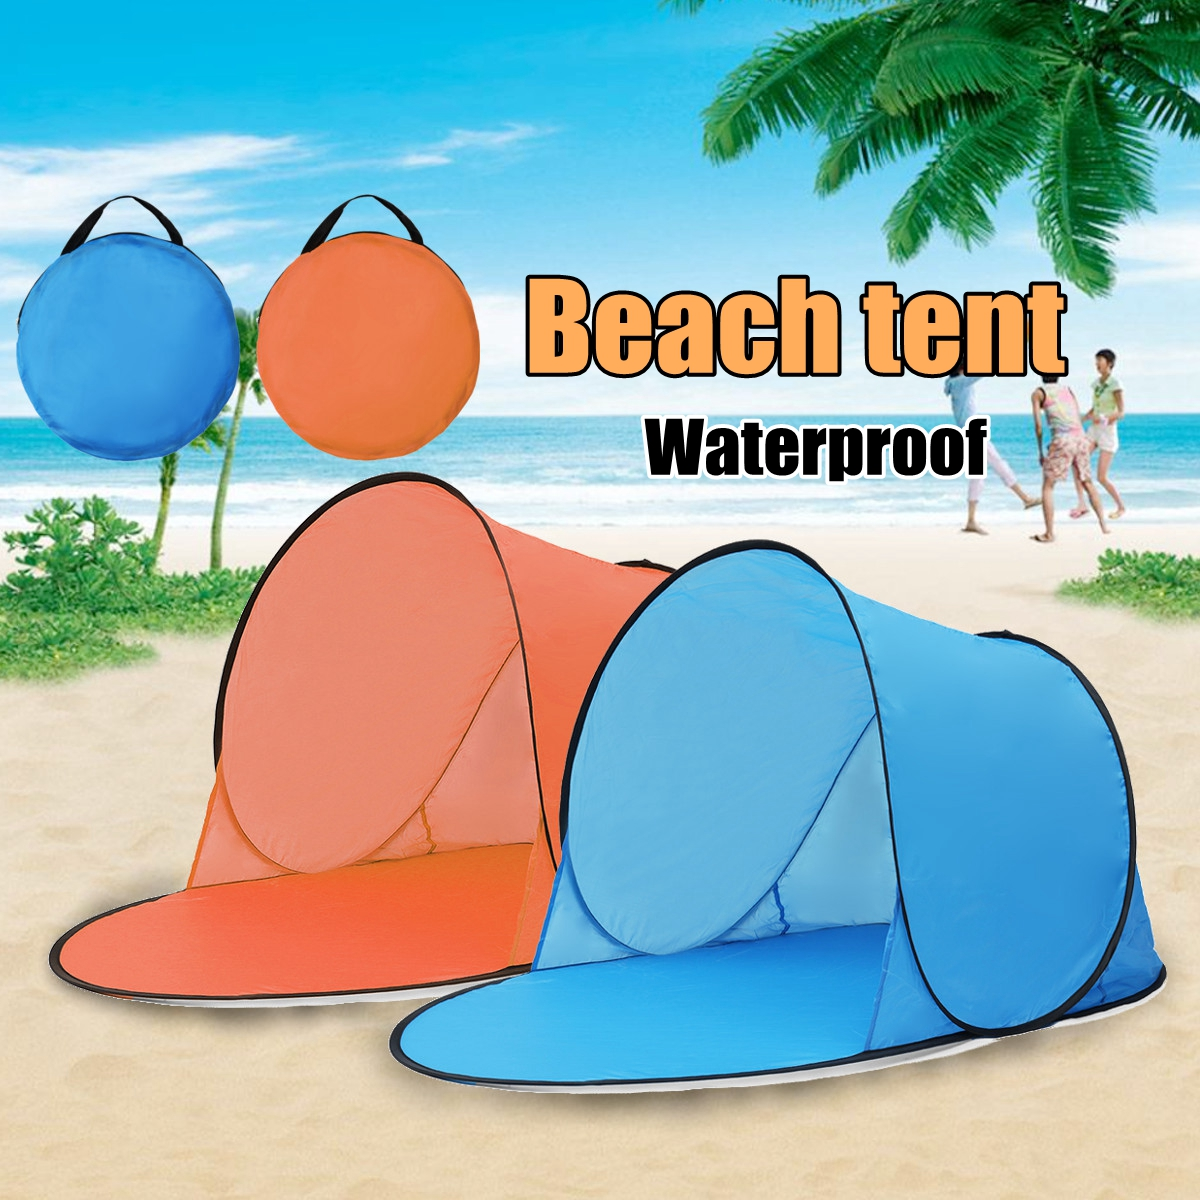 Outdoor Tragbare Wasserdichte Camping Strand Zelt Pop Up Öffnen Camping Zelt Angeln Wandern Außen Automatische Instant Tragbare